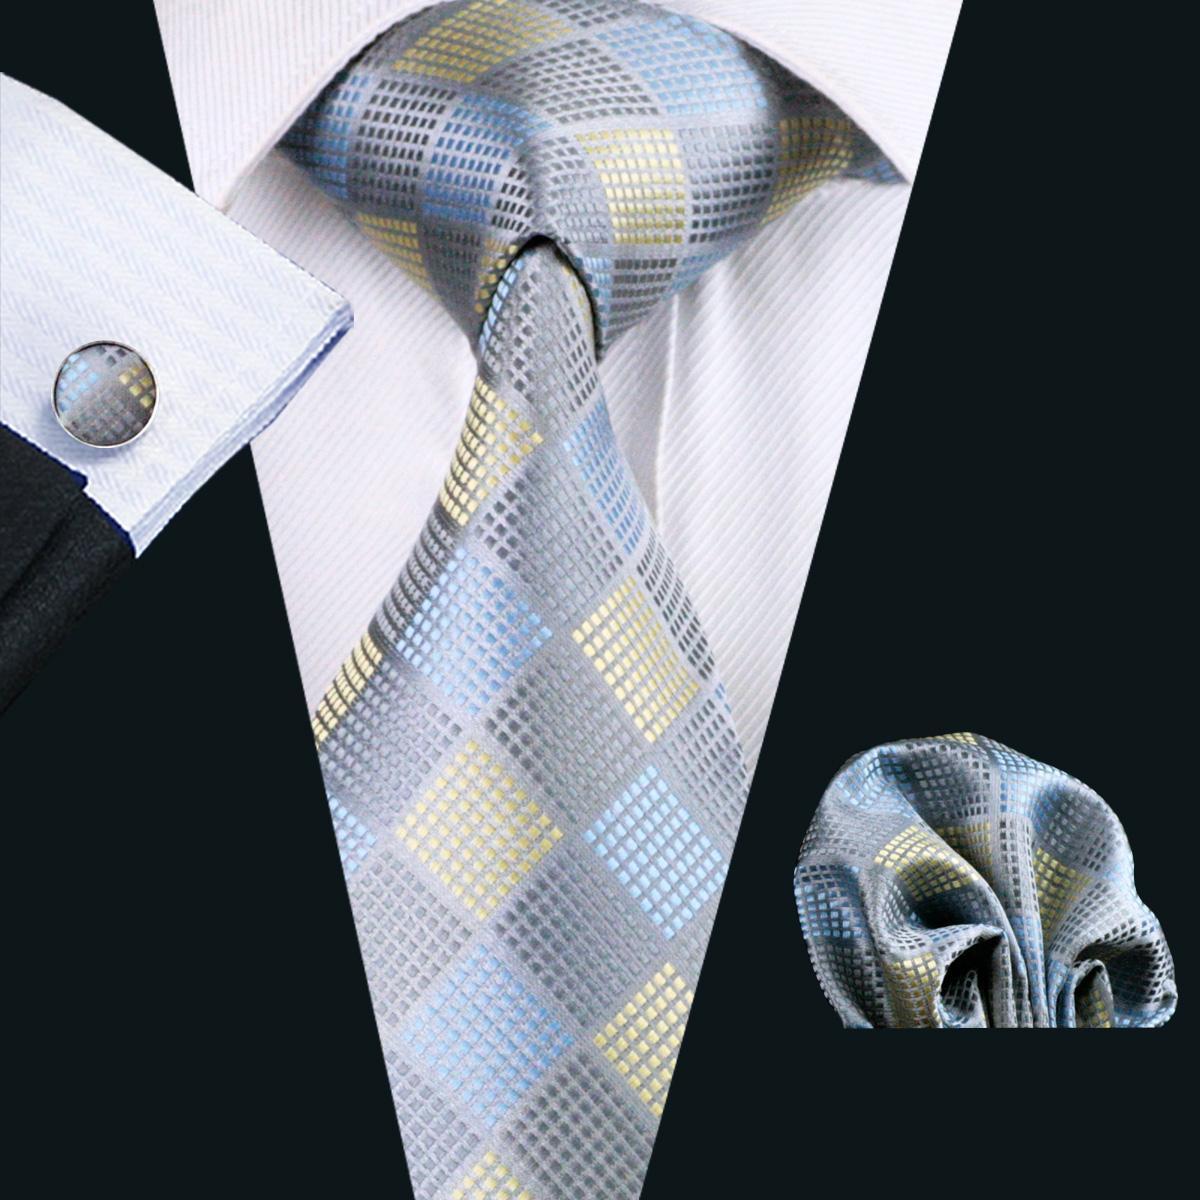 남성용 회색 넥타이 Hanky Cufflinks Yellow Blue Mix 컬러 자카드 직물 비즈니스 넥타이 8.5cm 캐주얼 N-1025 세트